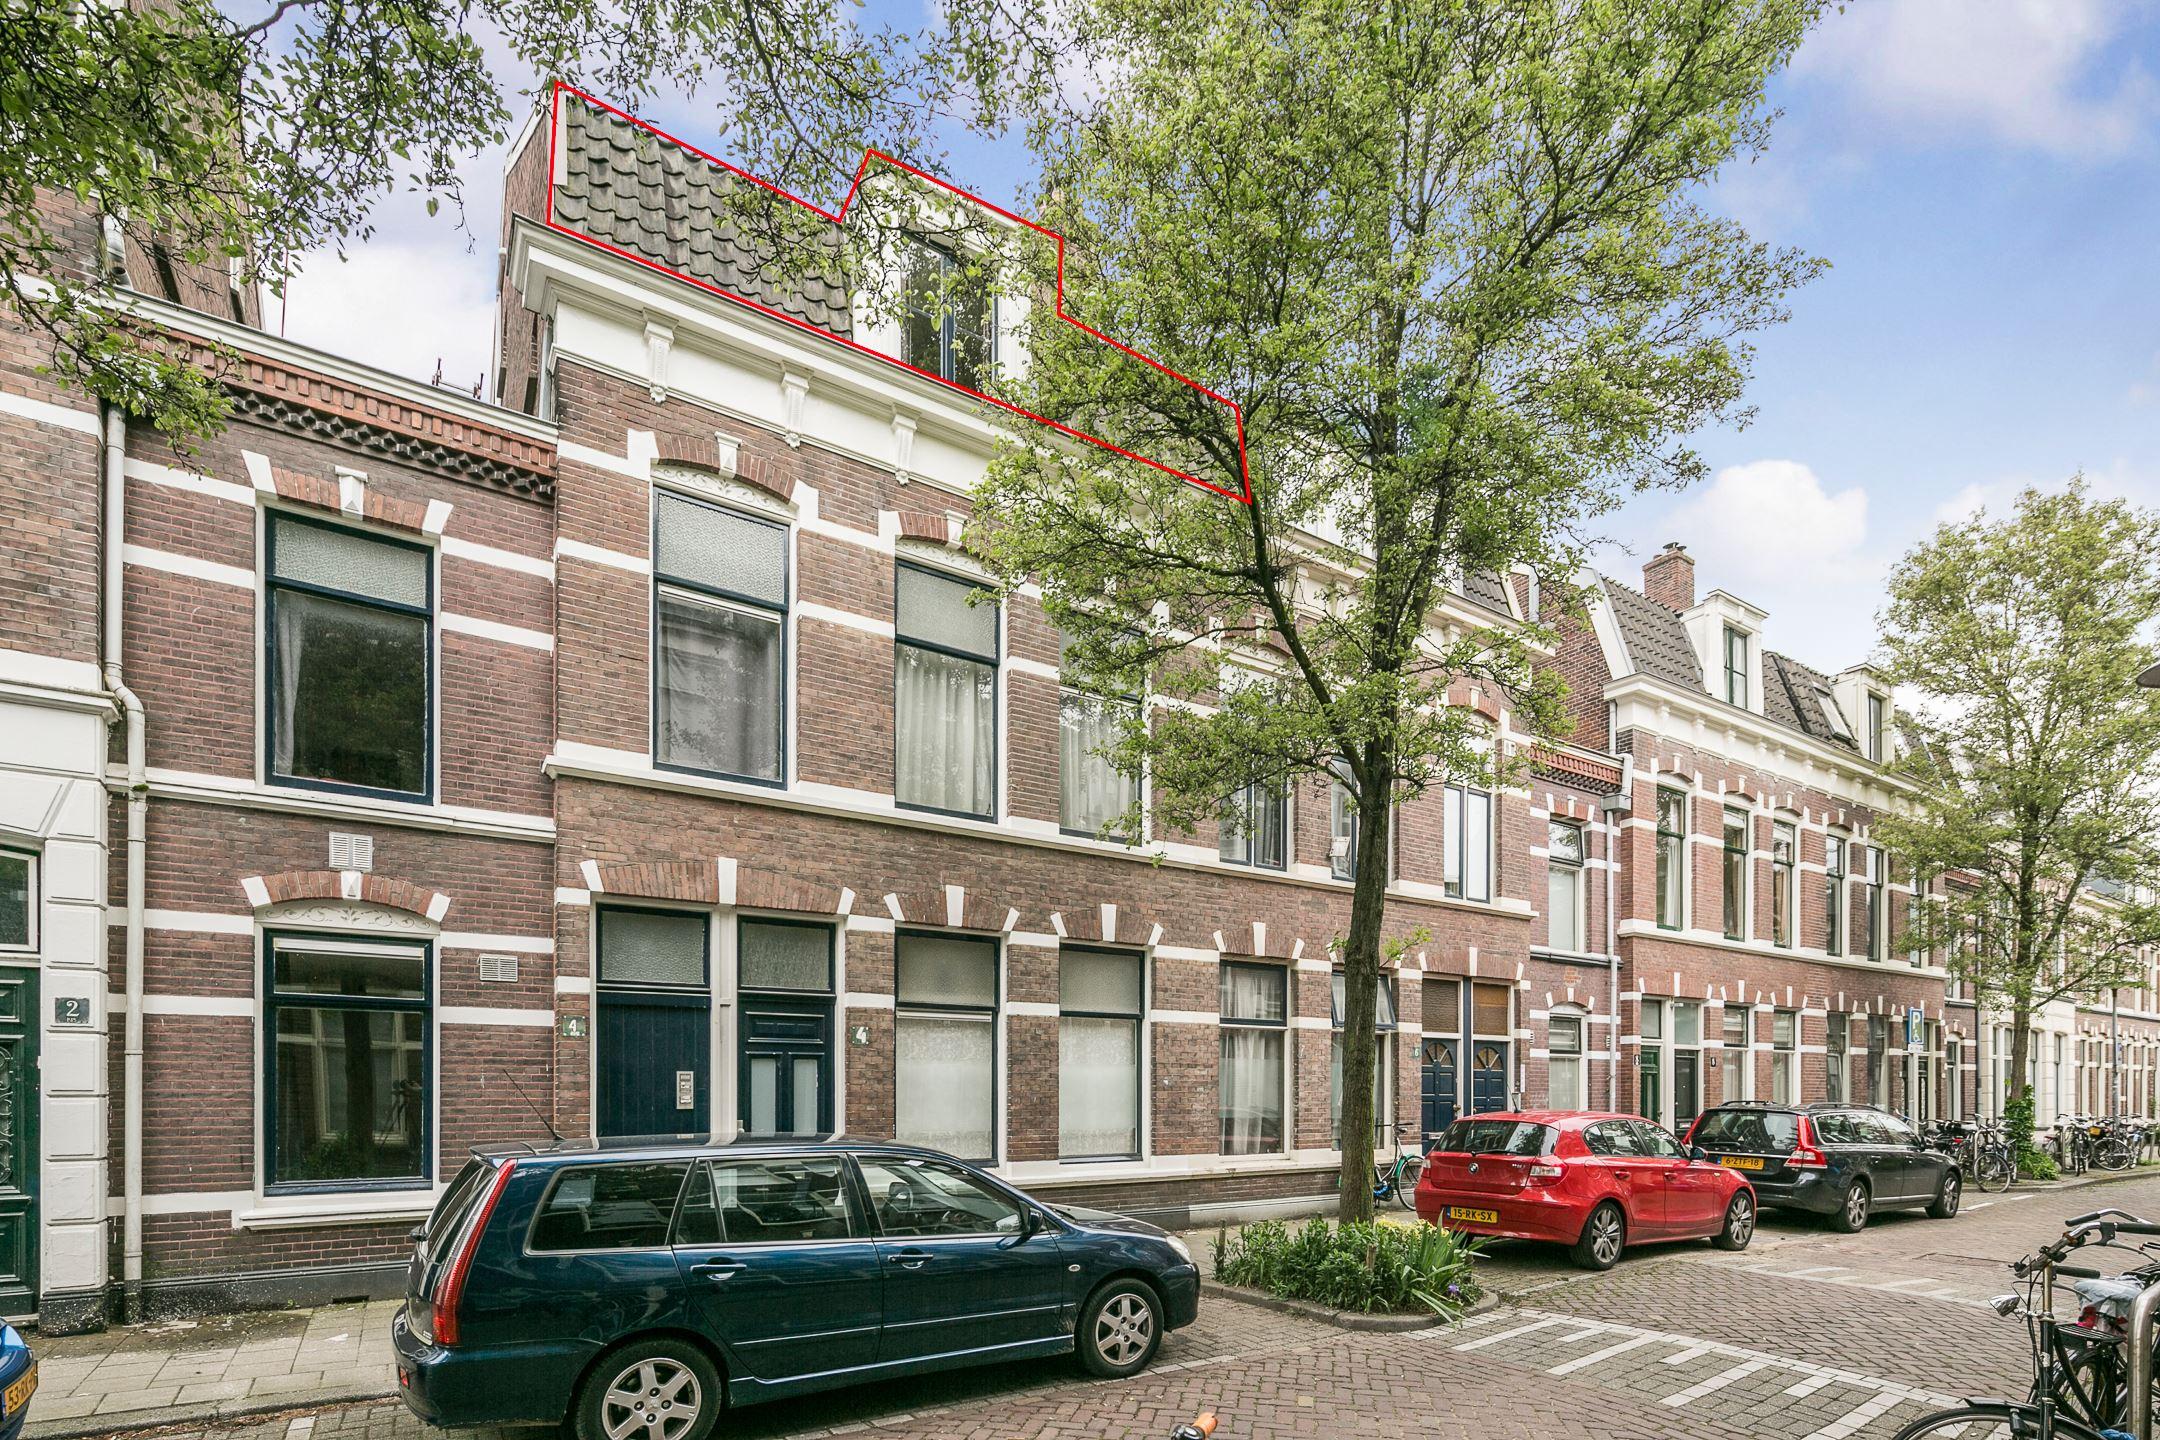 Appartement te koop singelstraat 4 4bis 7 3513 bn utrecht for Funda utrecht